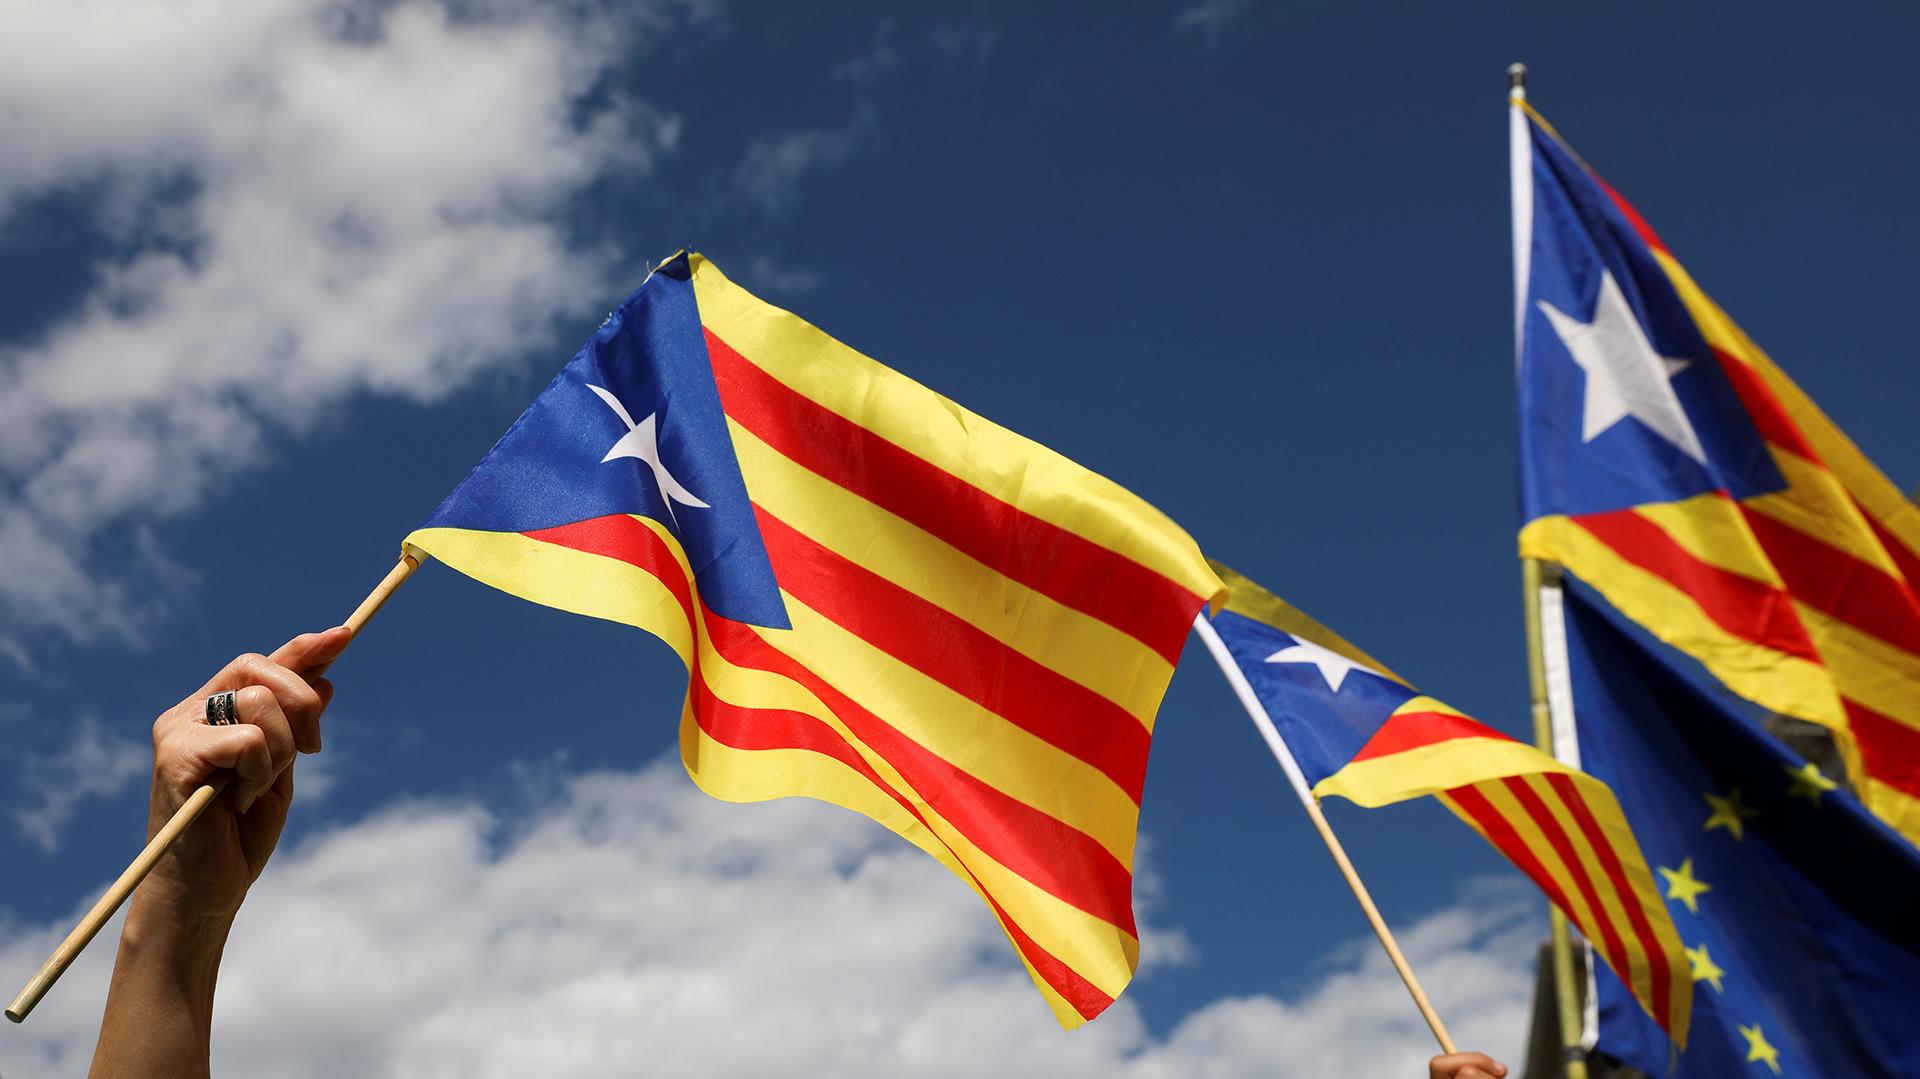 Cataluña: Unión Europea llamó a la unión y repudió violencia